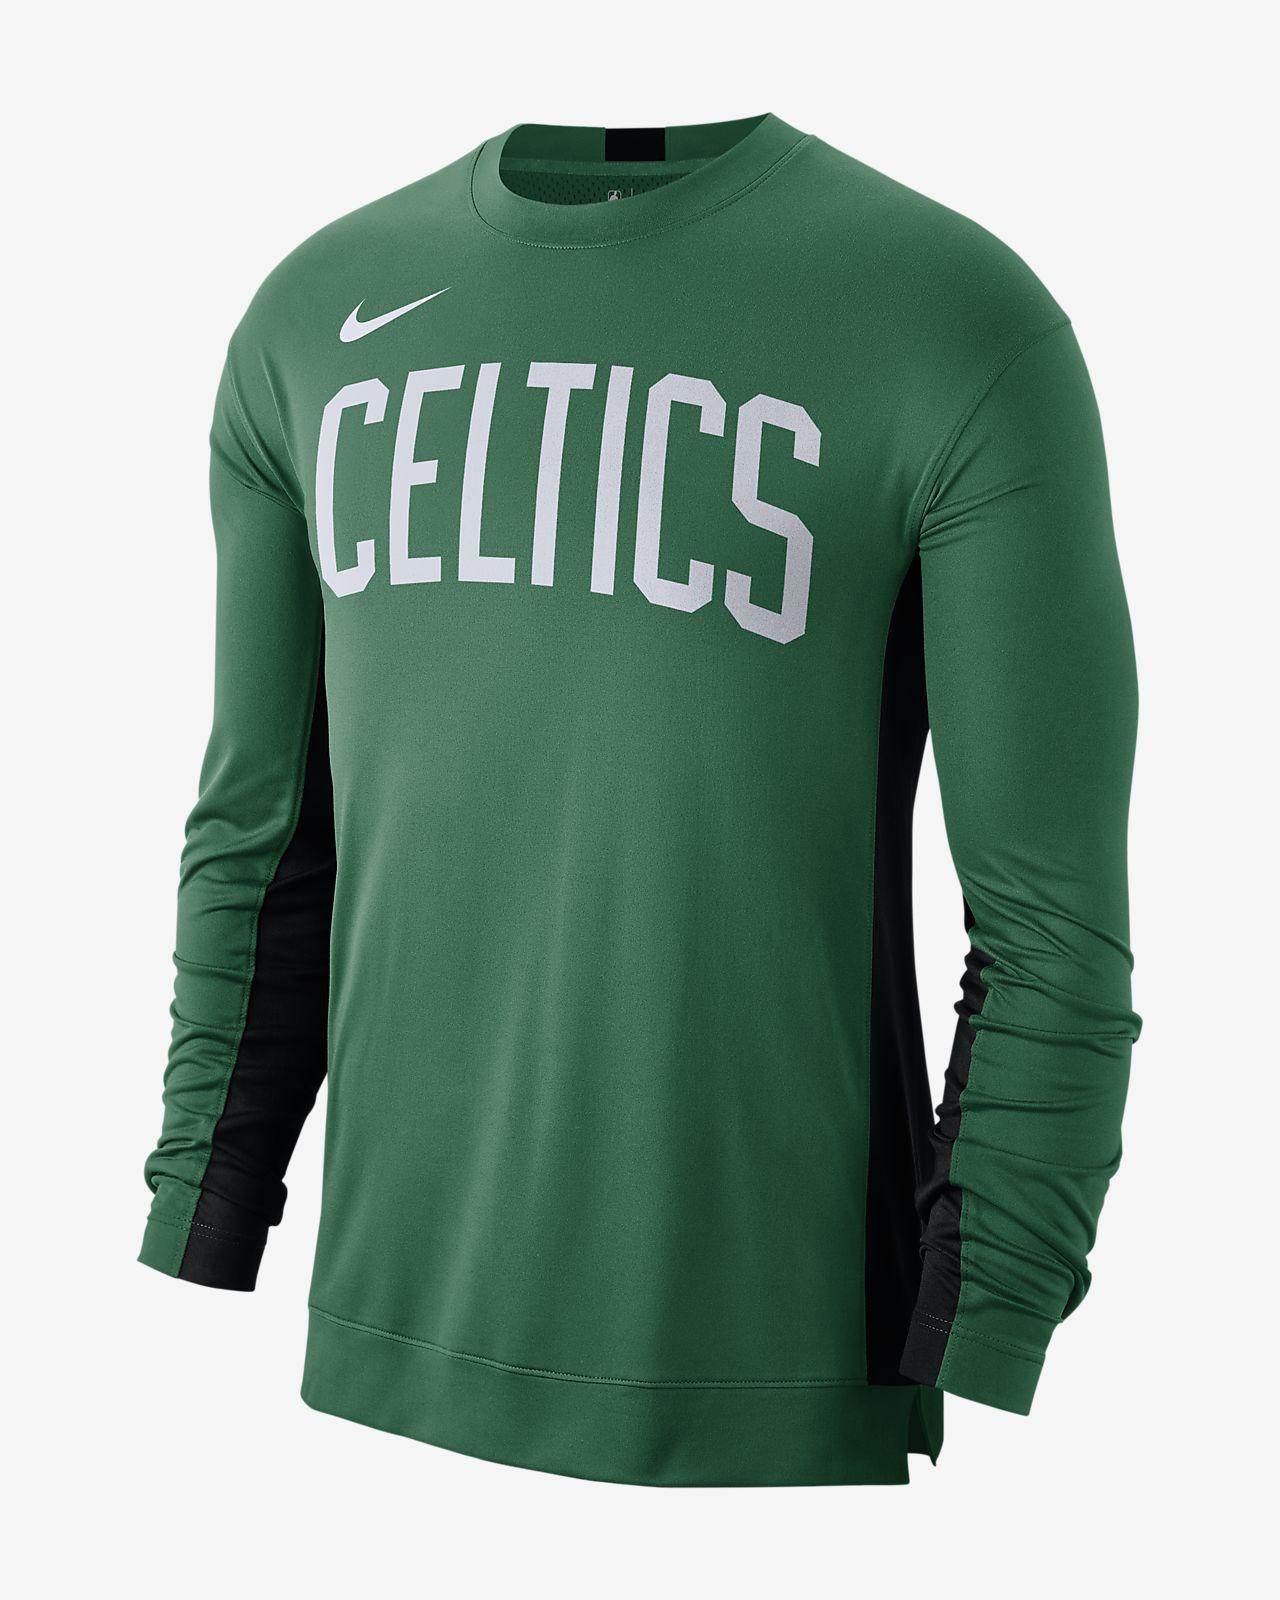 Boston Celtics Nike Dri-FIT Men's NBA Shooting Top